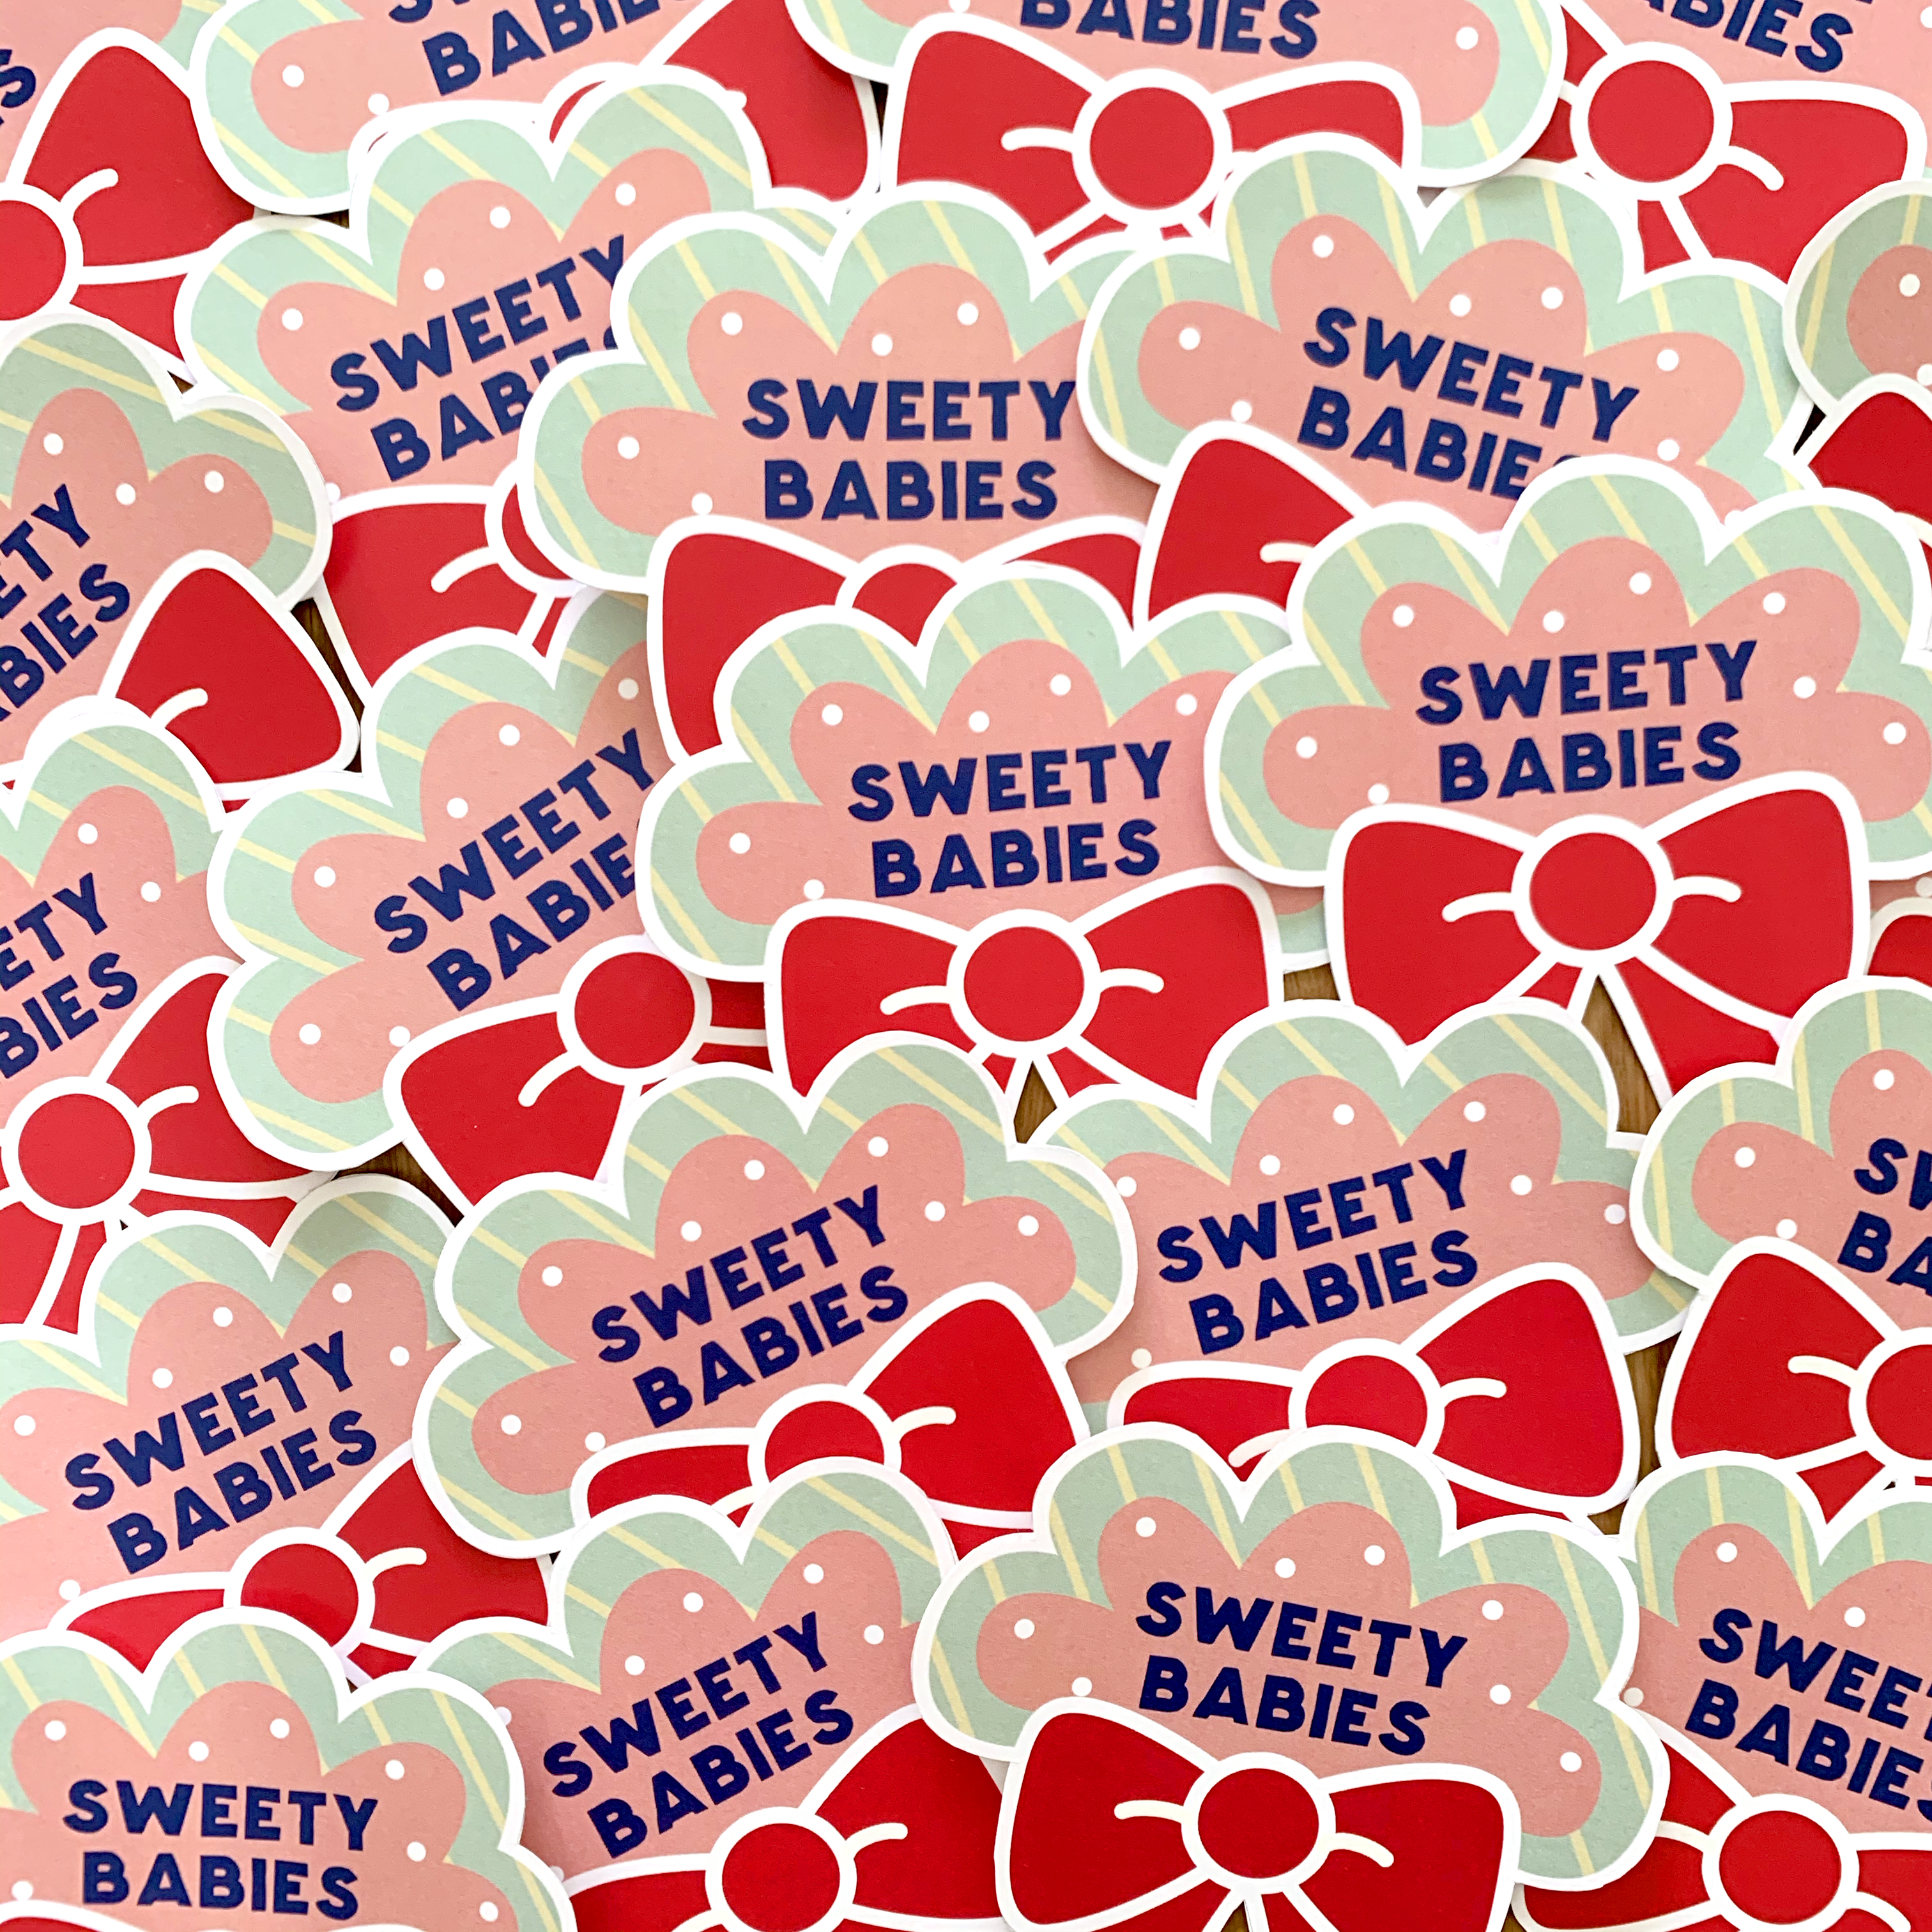 Sweety Babies - workshop